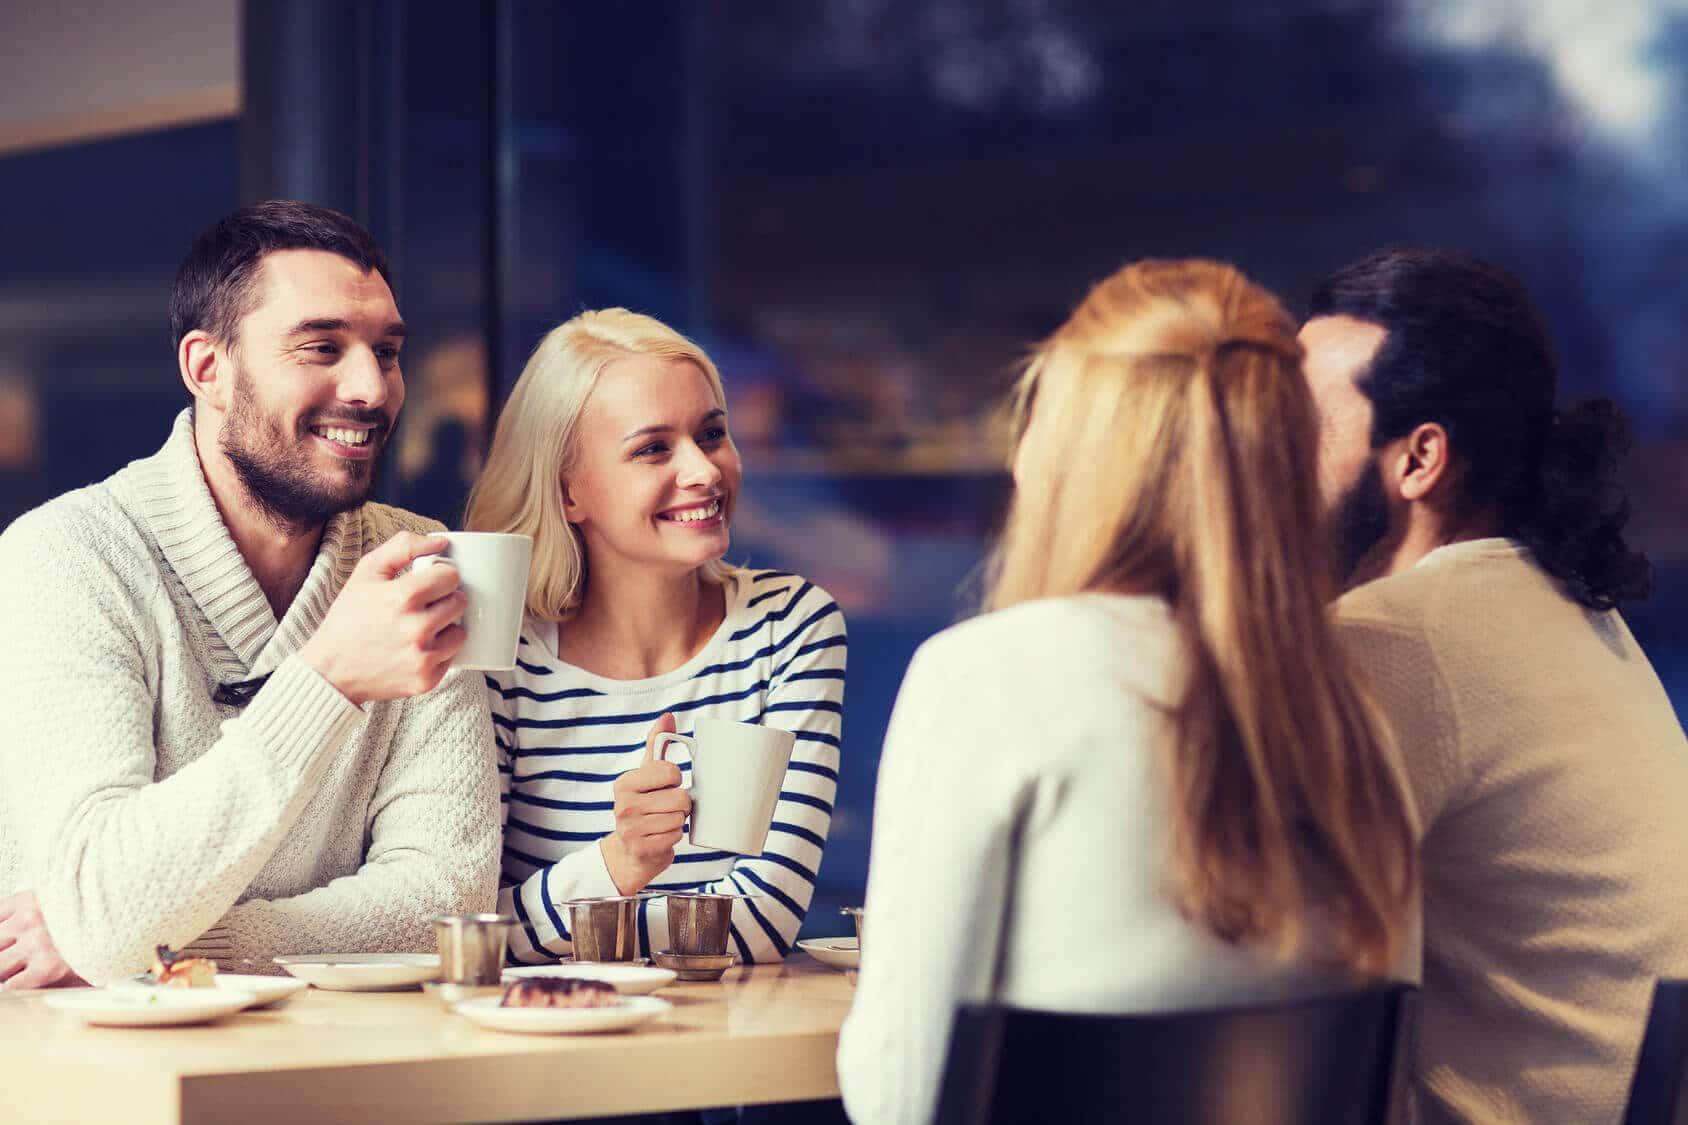 Freunde suchen Kontakt knüpfen Freundschaft finden Jumping Dinner Berlin